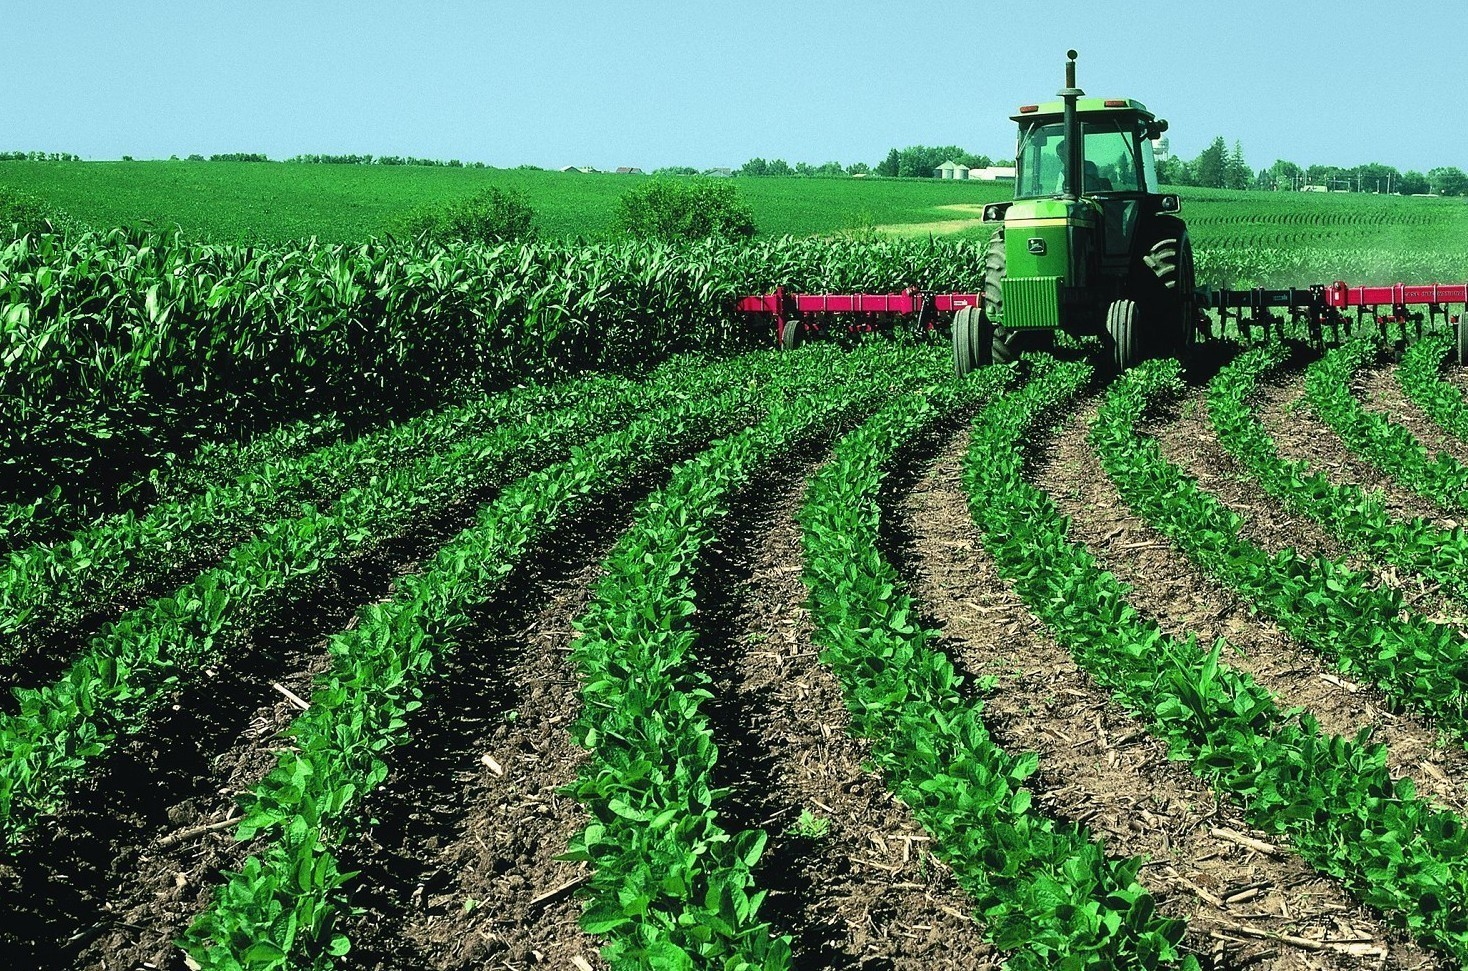 Agevolazioni agricoltura 2020 quali sono, a chi spettano, requisiti per fare domanda